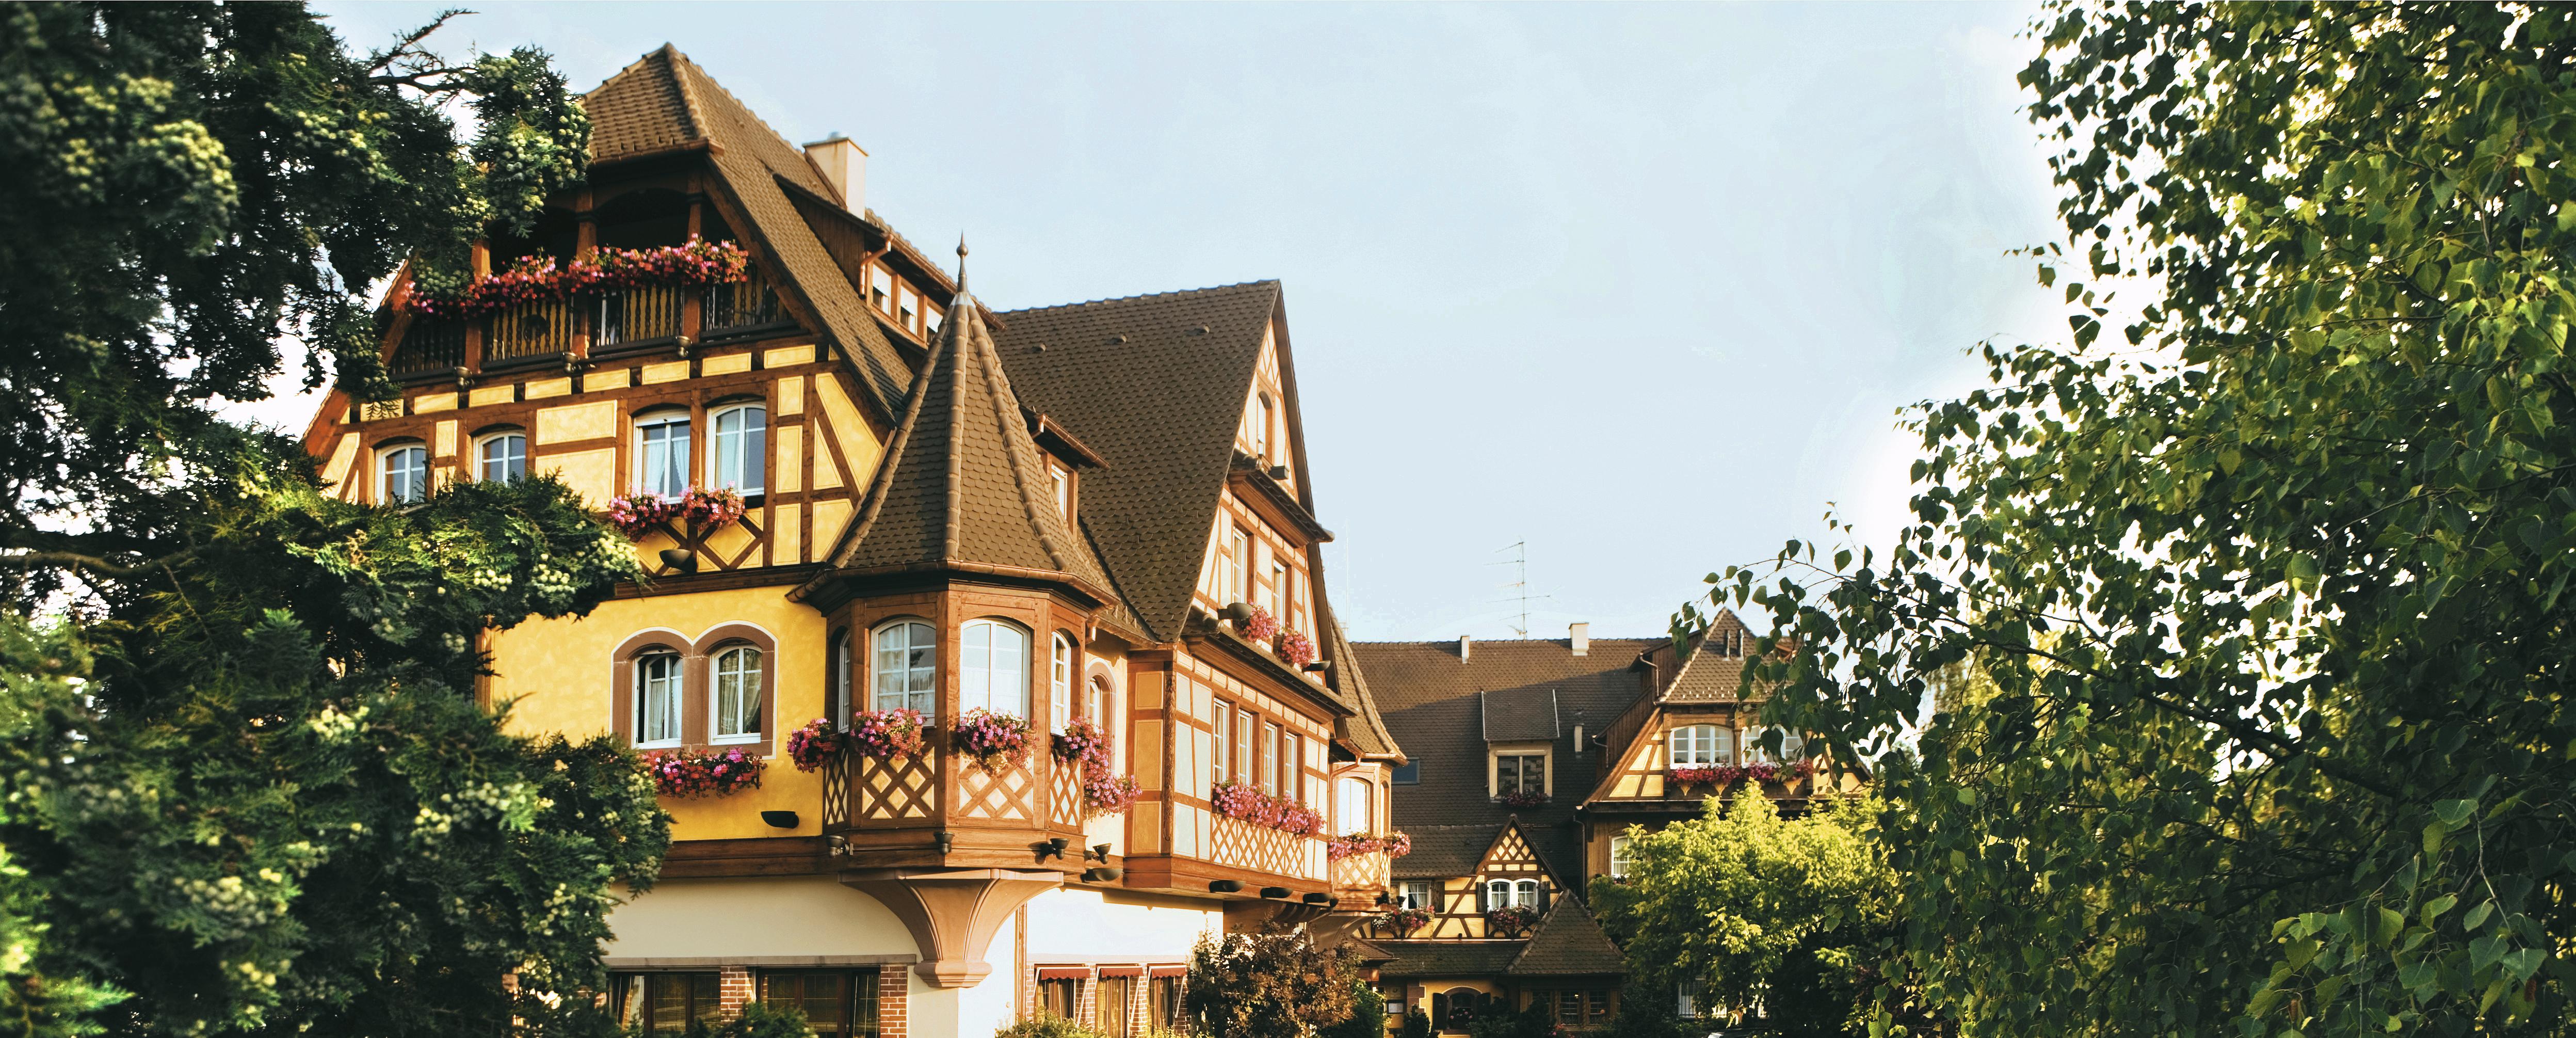 lifestyle gourmand healthy hotel alsace le parc obernai famille wucher séjour route des vins restaurant colombages